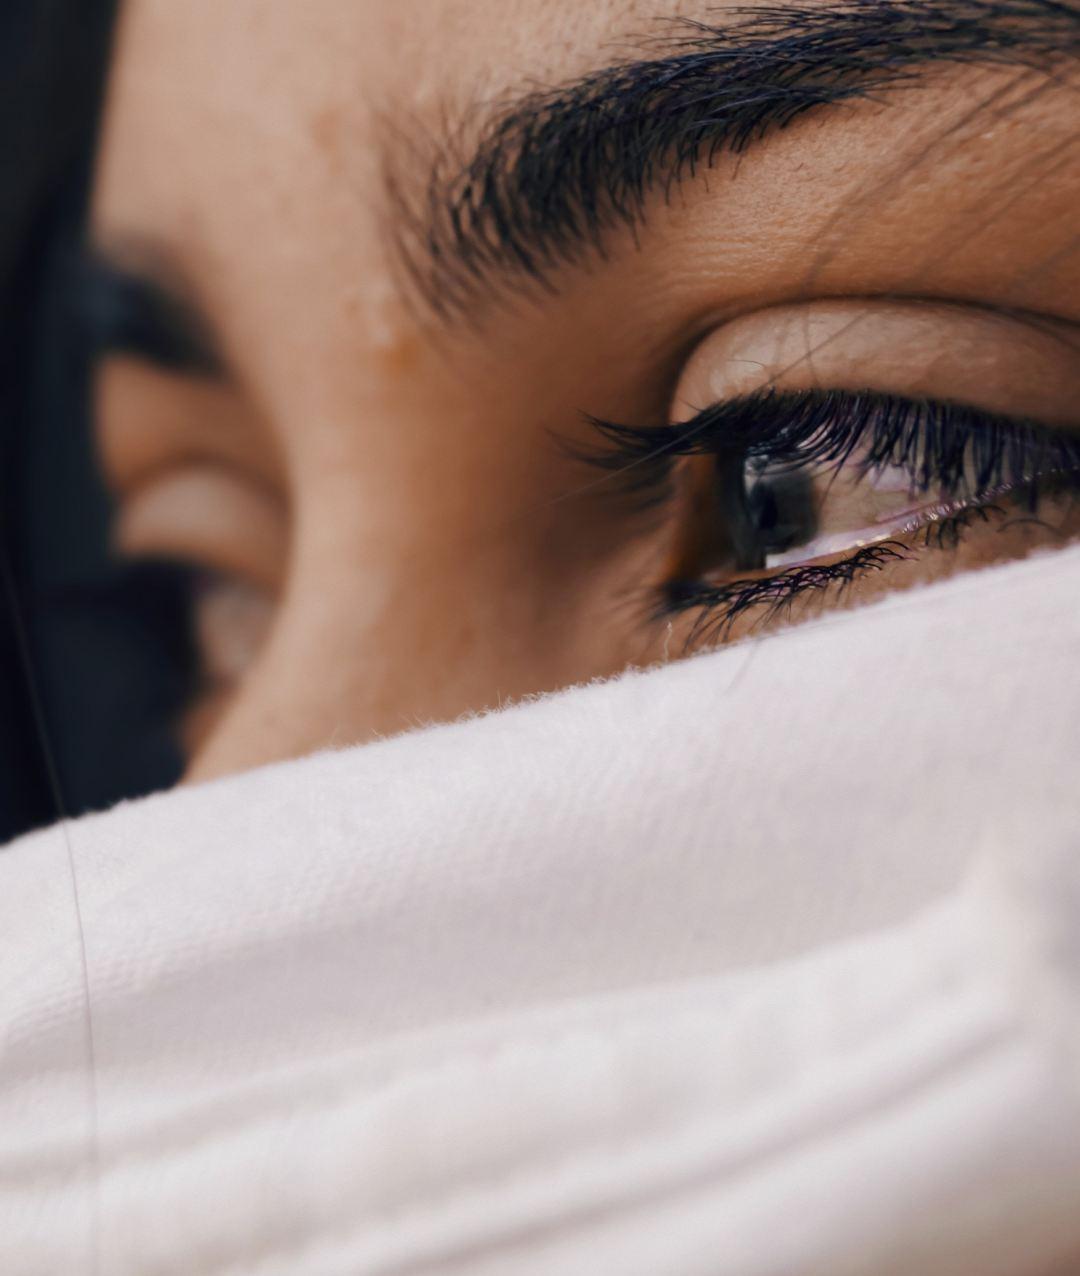 ritmo portait de femme voilé avec larme dans les yeux